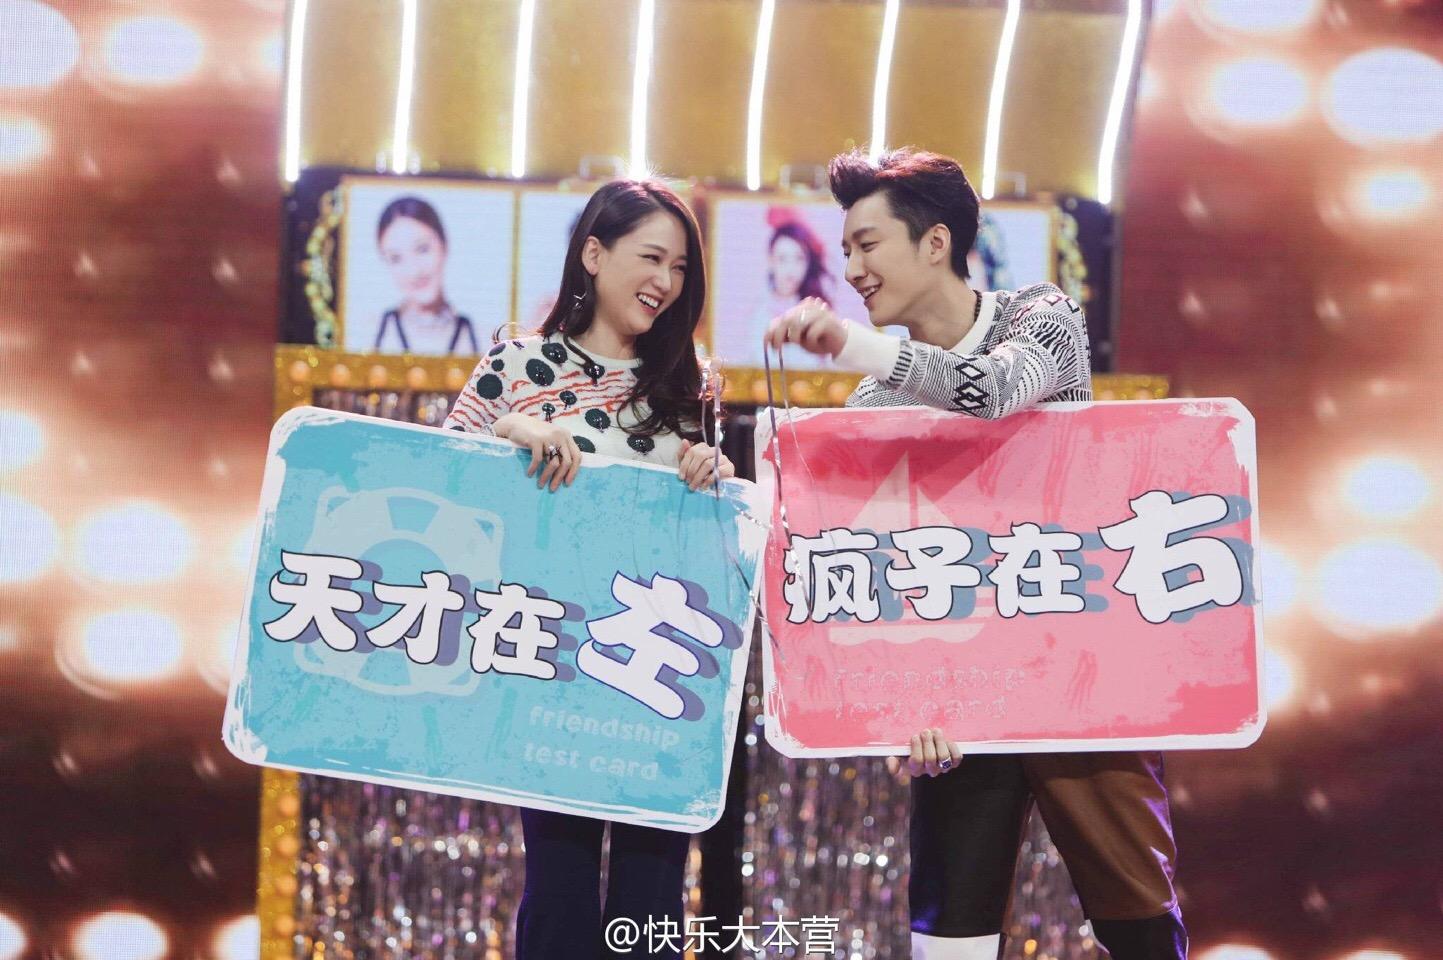 Trần Kiều Ân trở thành đối tượng công kích của netizen vì sự ra đi bất ngờ của Kiều Nhậm Lương - Ảnh 2.